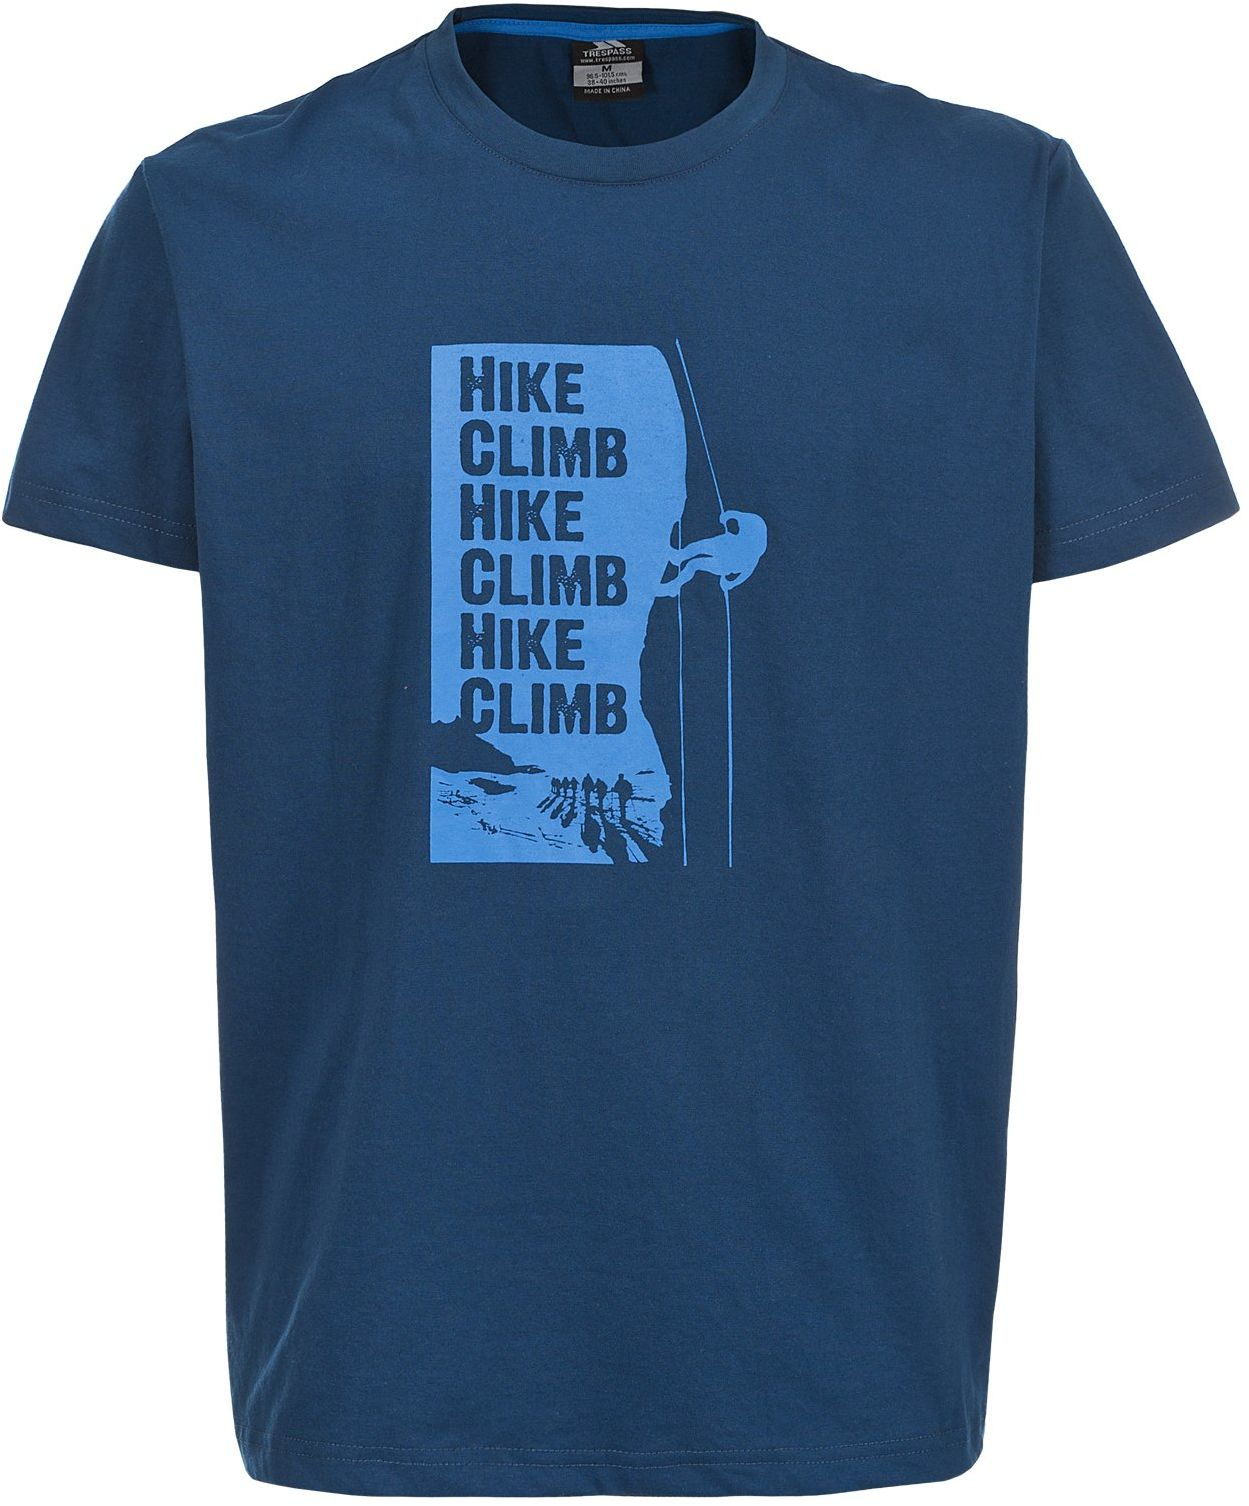 Trespass Tramore męska koszulka z krótkim rękawem na zewnątrz dostępna w kolorze ciemnoniebieskim średniej wielkości